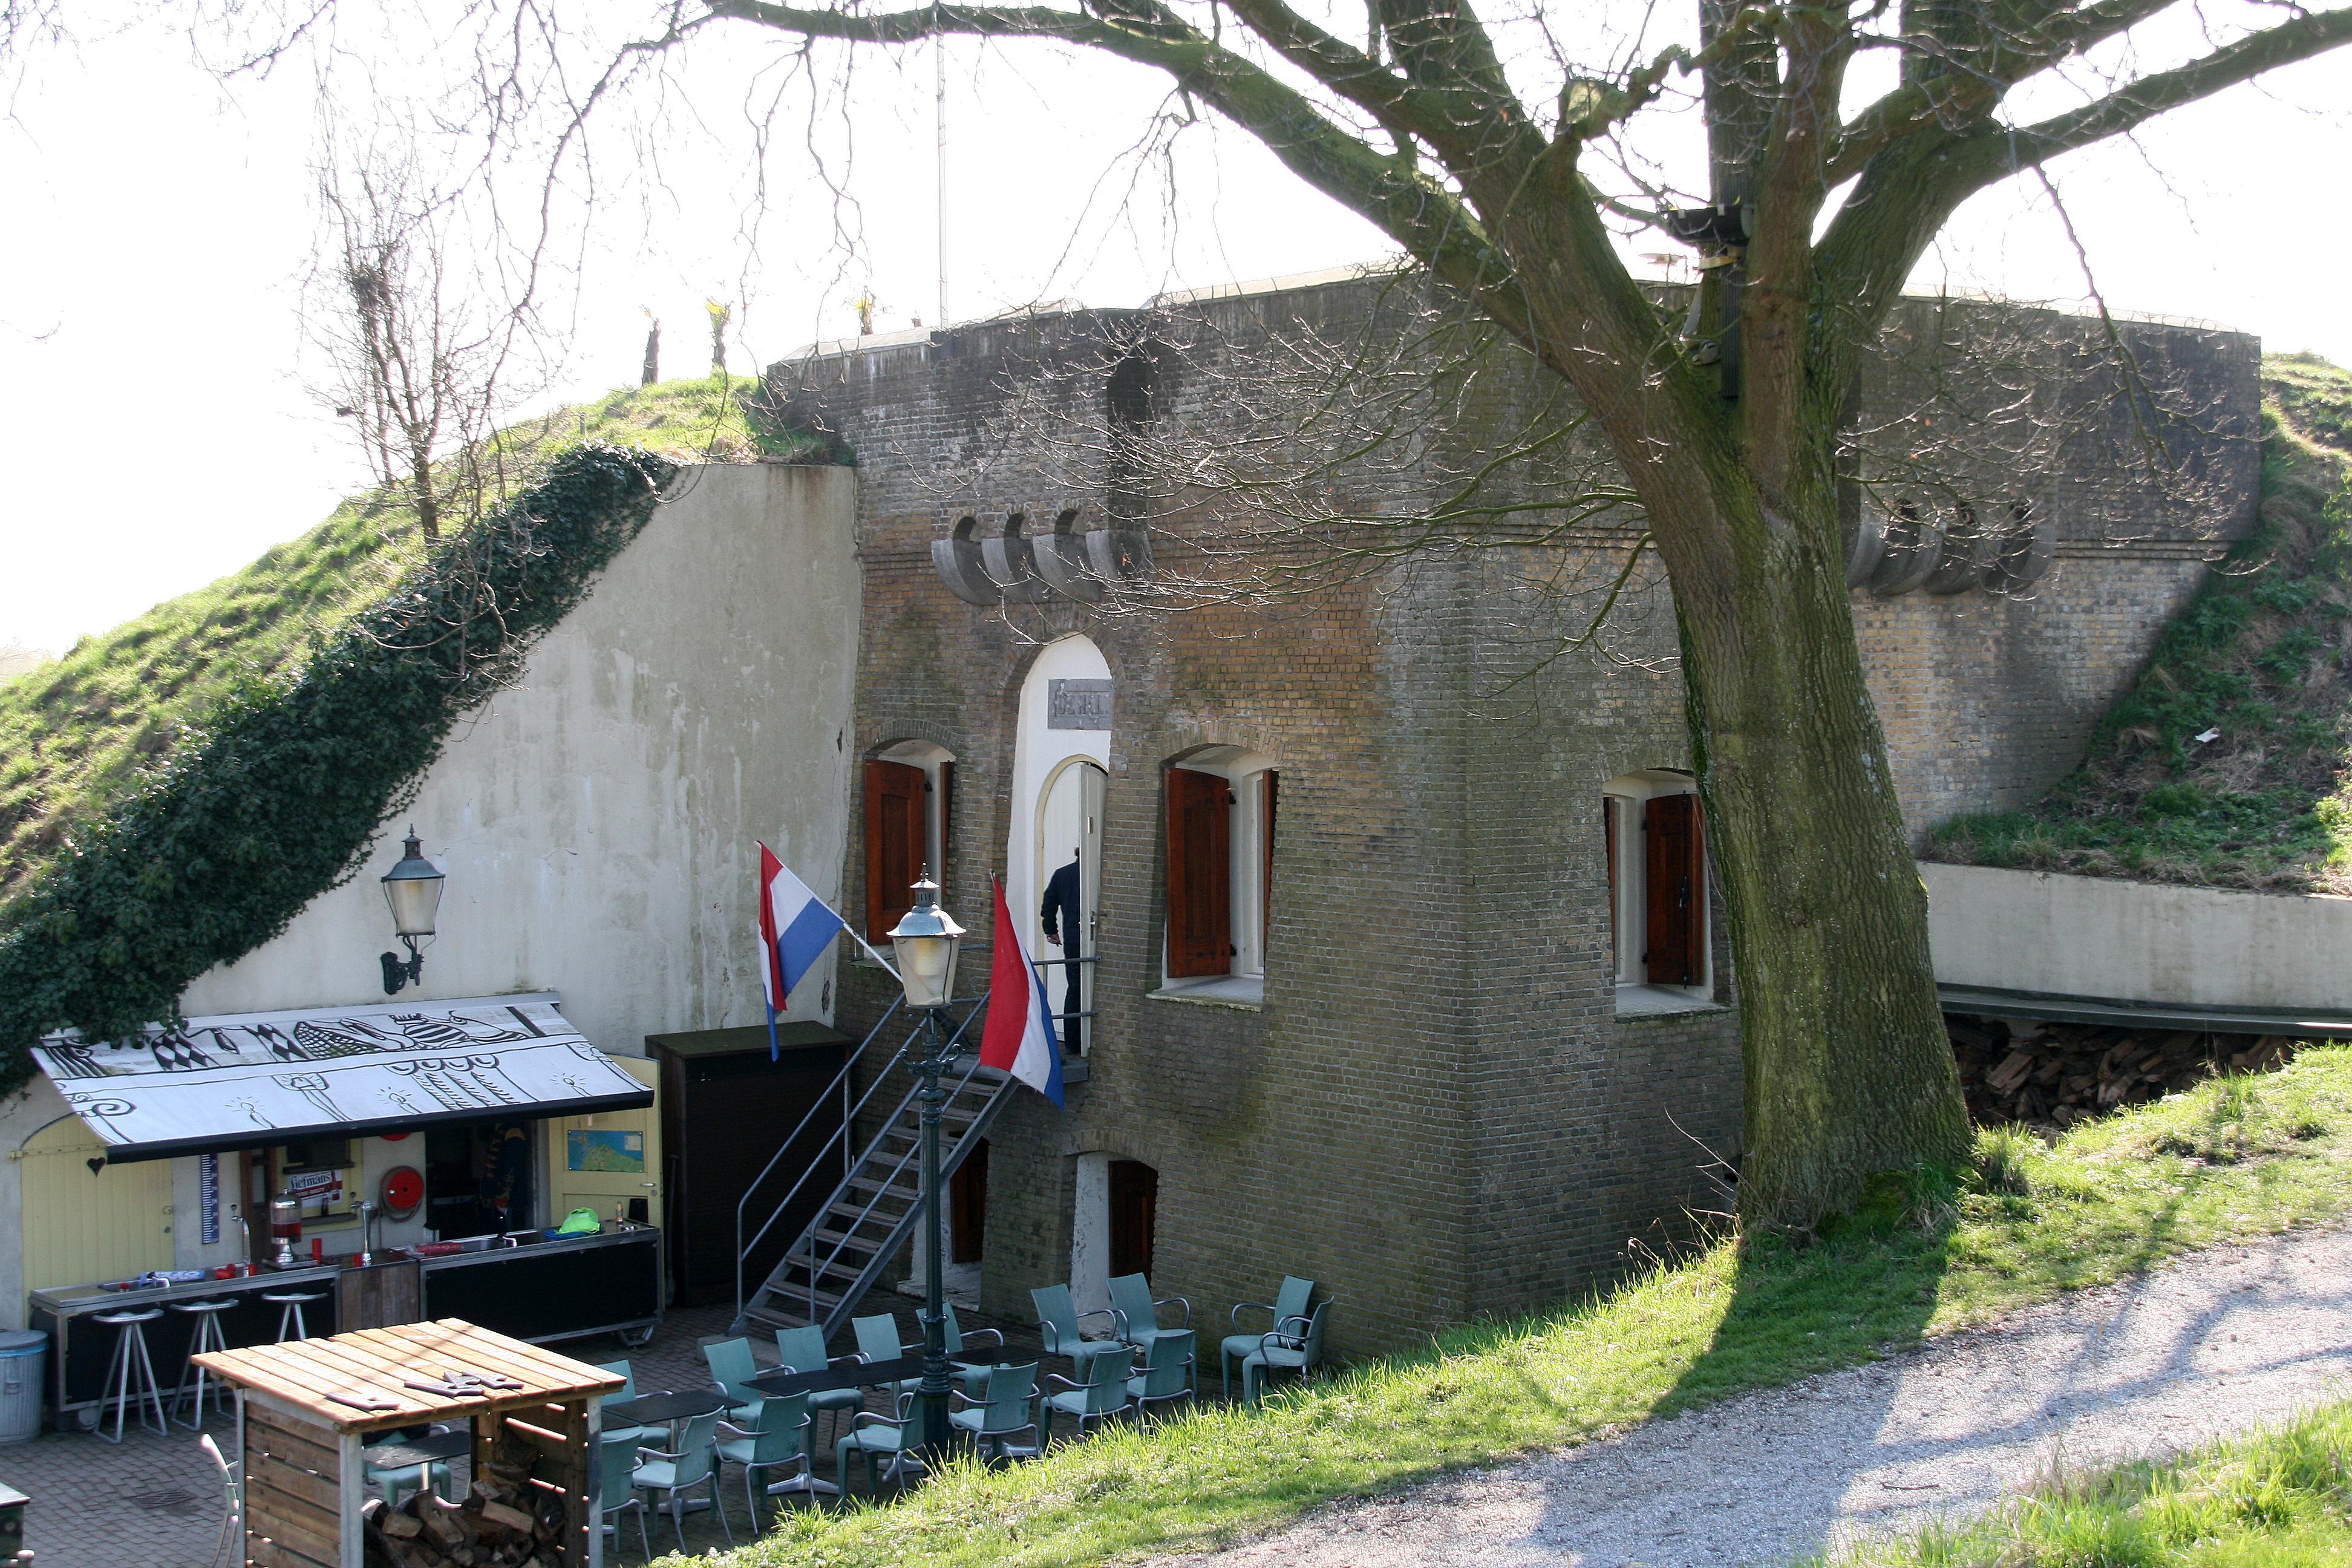 Fort_de_Hel Tour Modelle 3